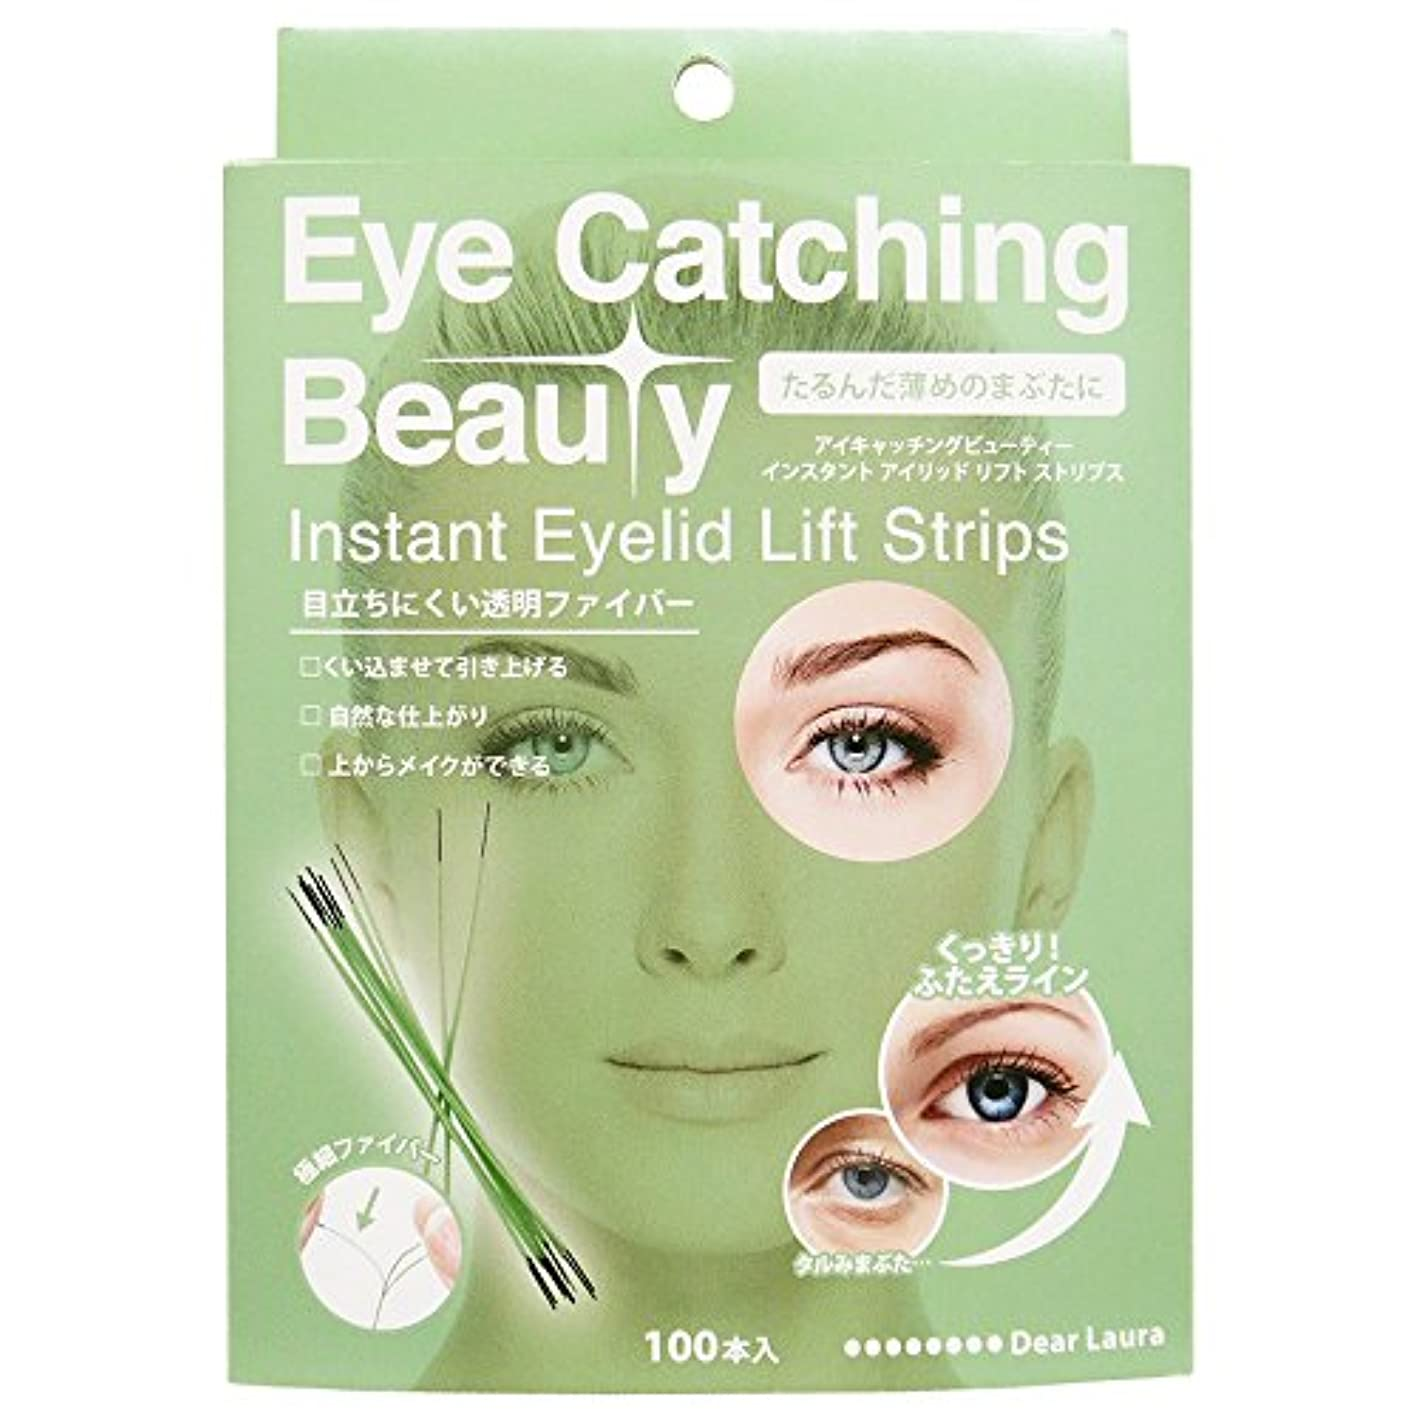 安息かりてメタリックアイキャッチングビューティー (Eye Catching Beauty) インスタント アイリッド リフト ストリップス ECB-J03 100本